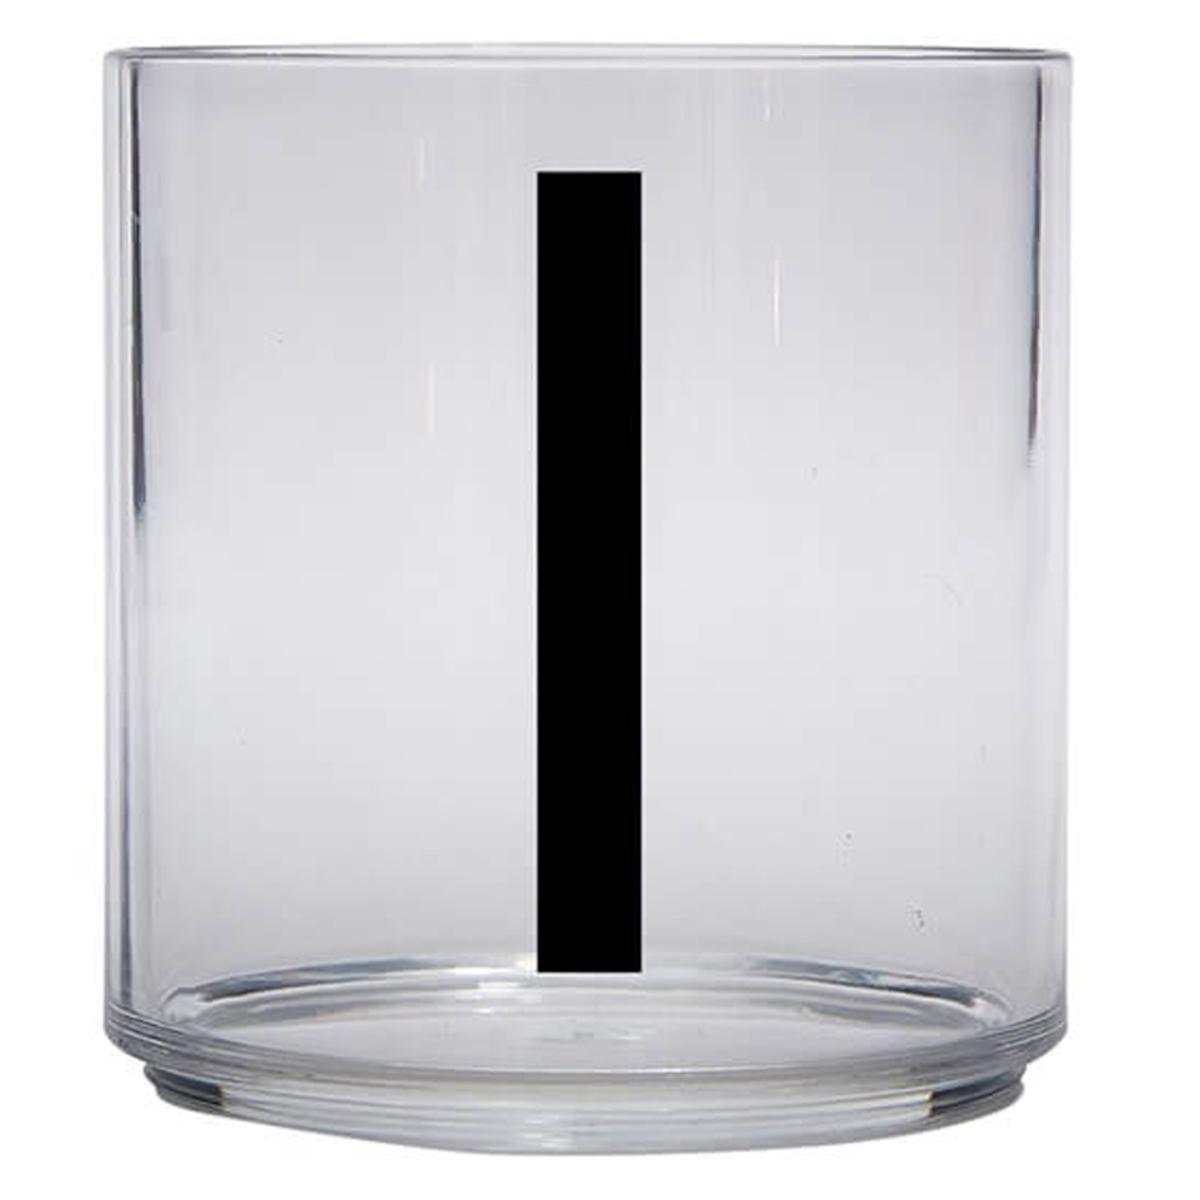 Tasse & Verre Verre Transparent I - 220 ml Verre Transparent I - 220 ml